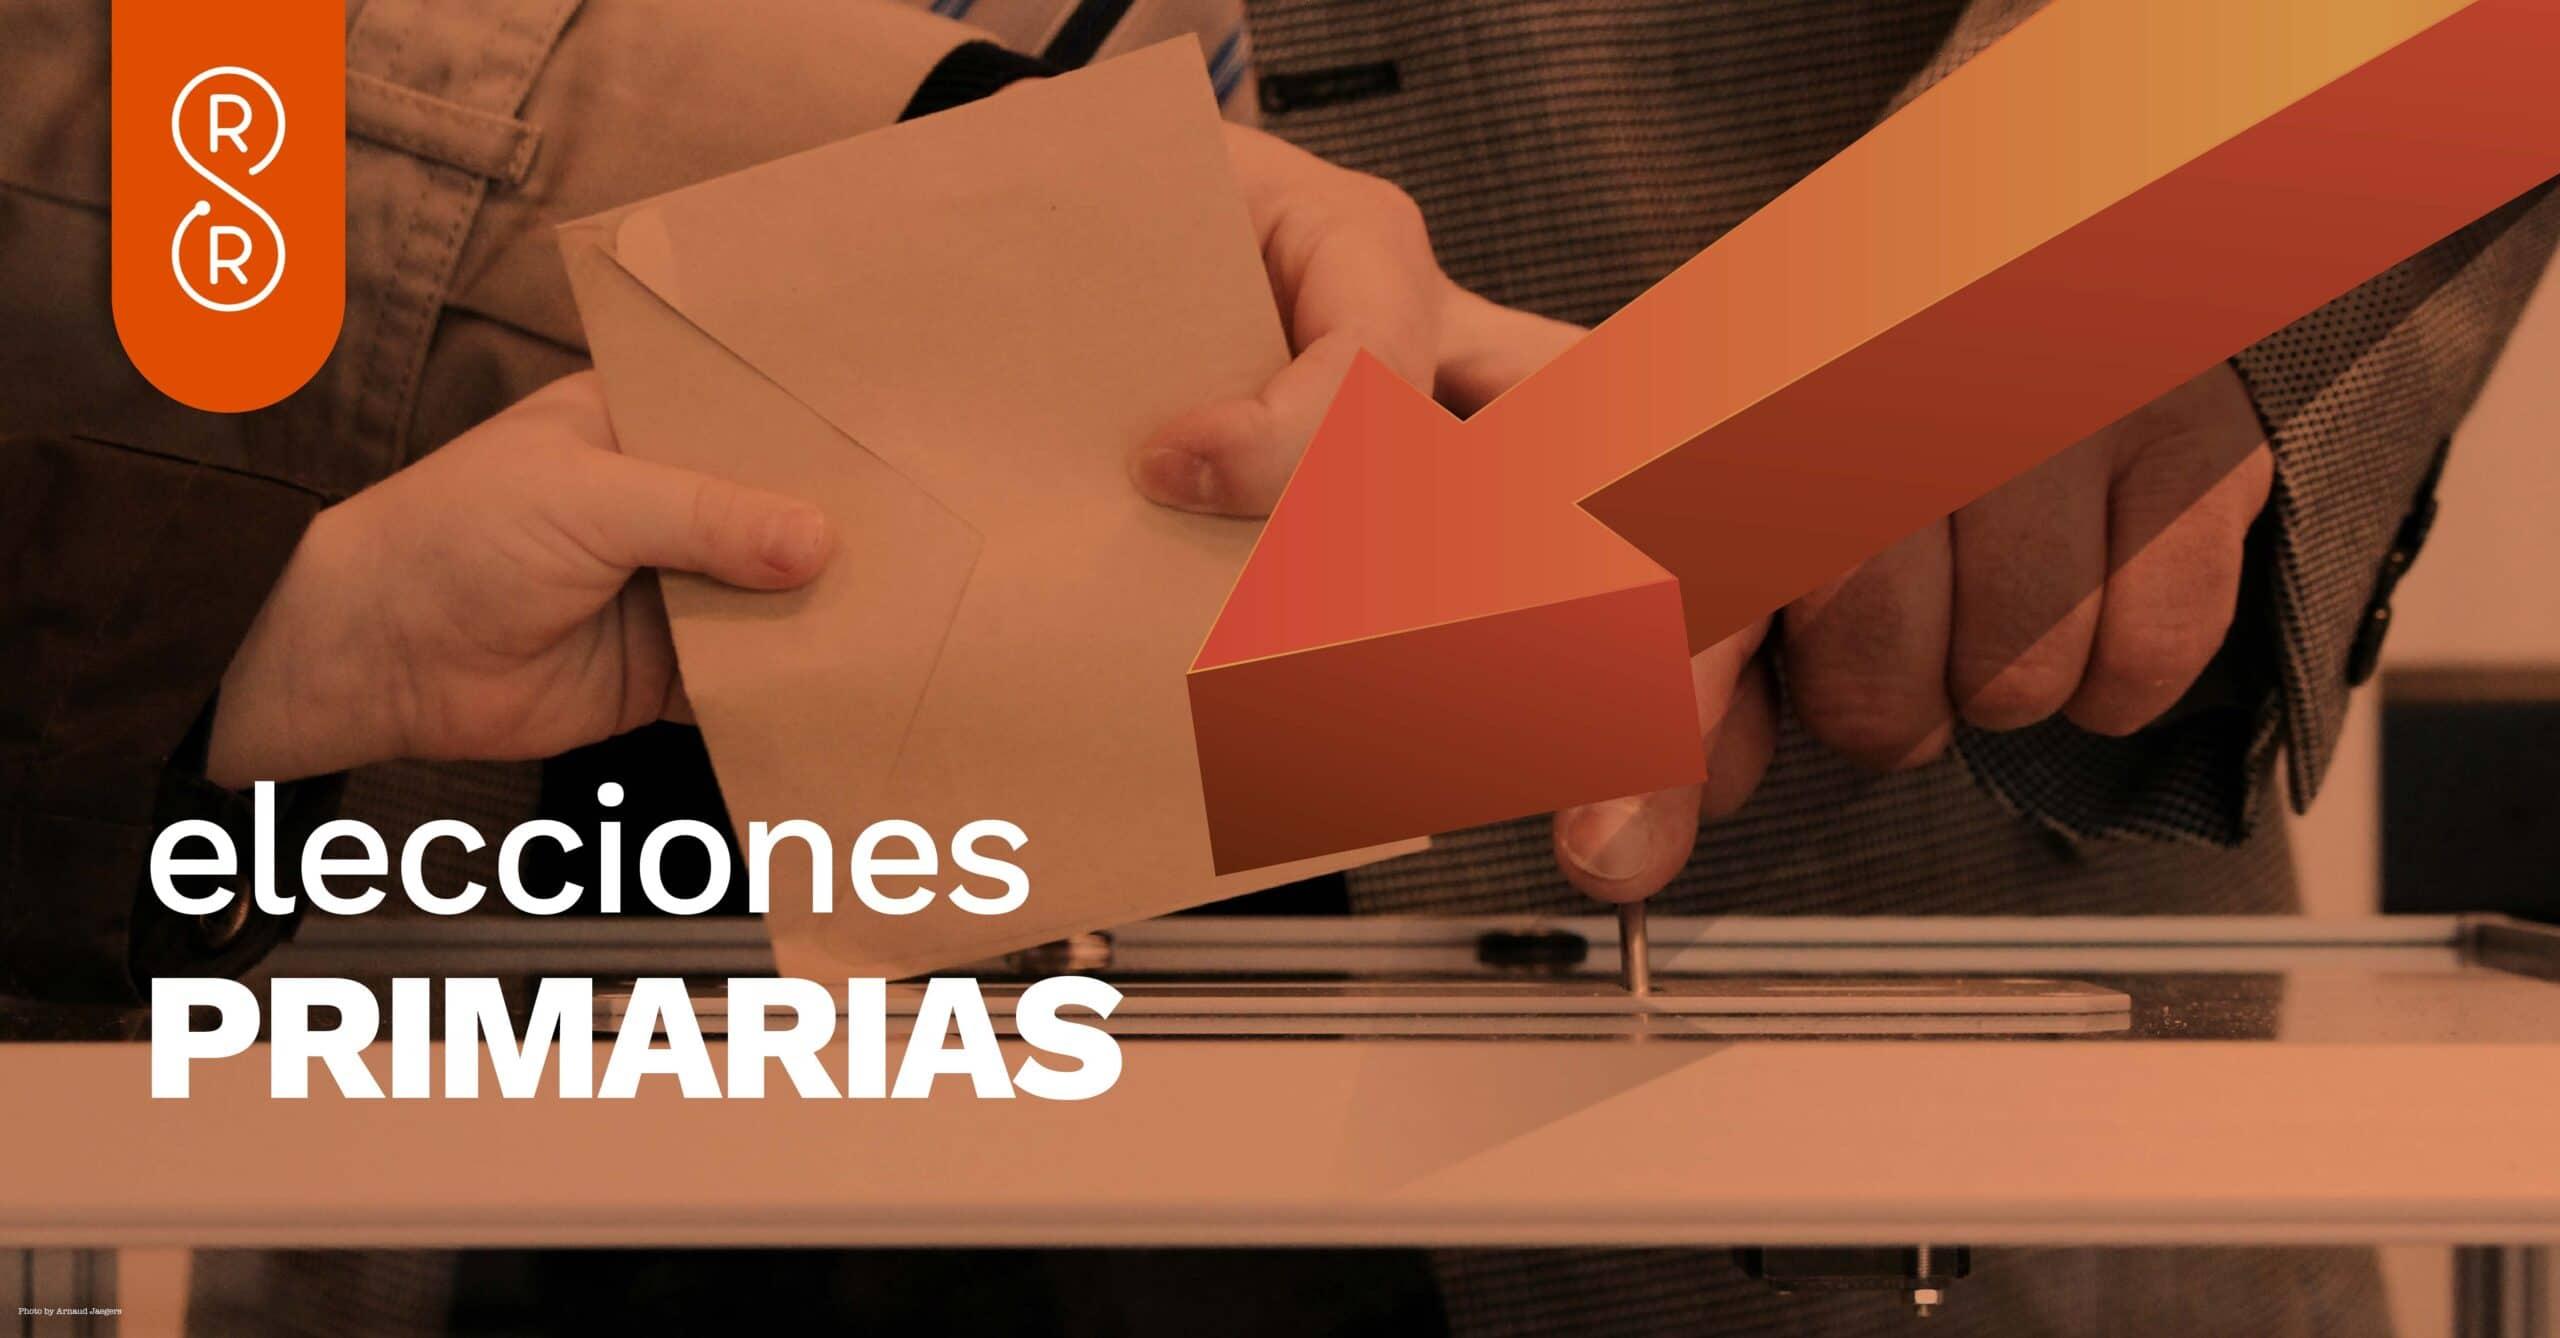 EleccionesPrimarias3 1 scaled